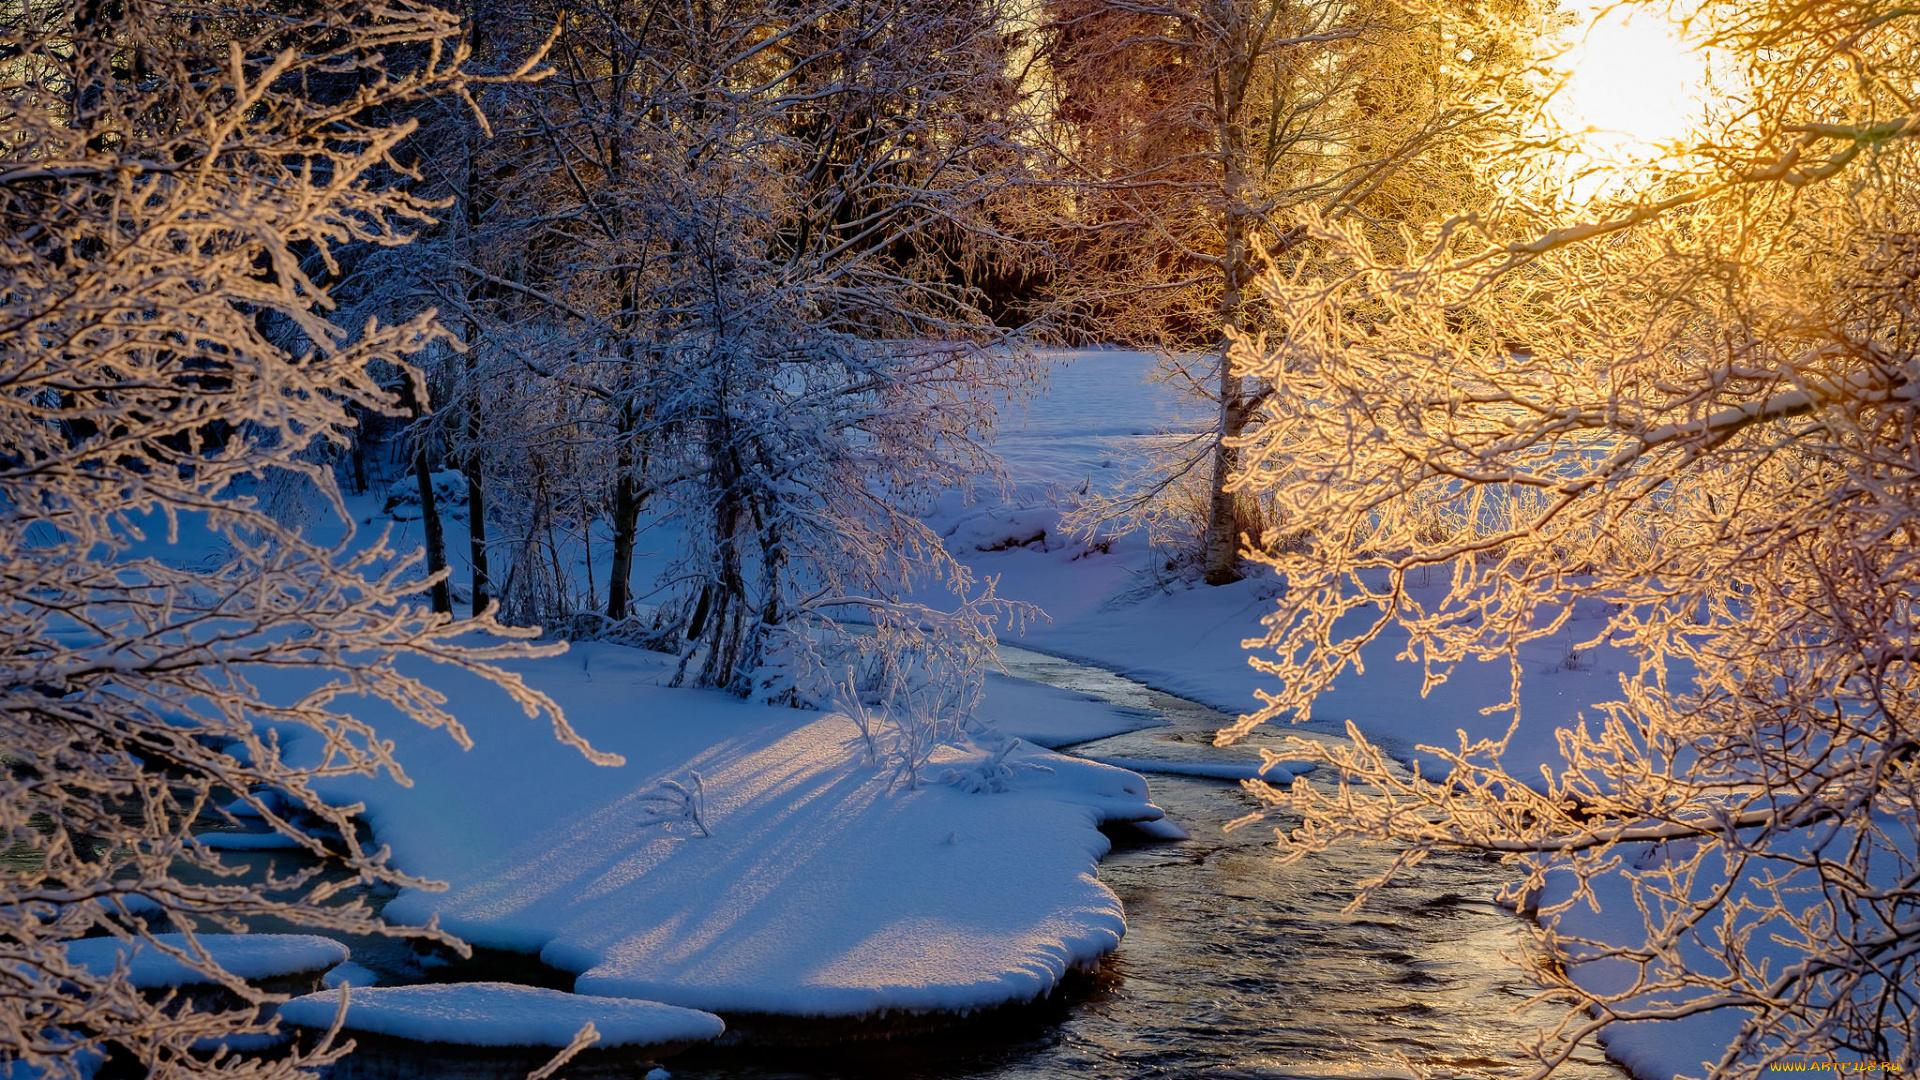 Зимний пейзаж фото высокого качества задержано просьбе